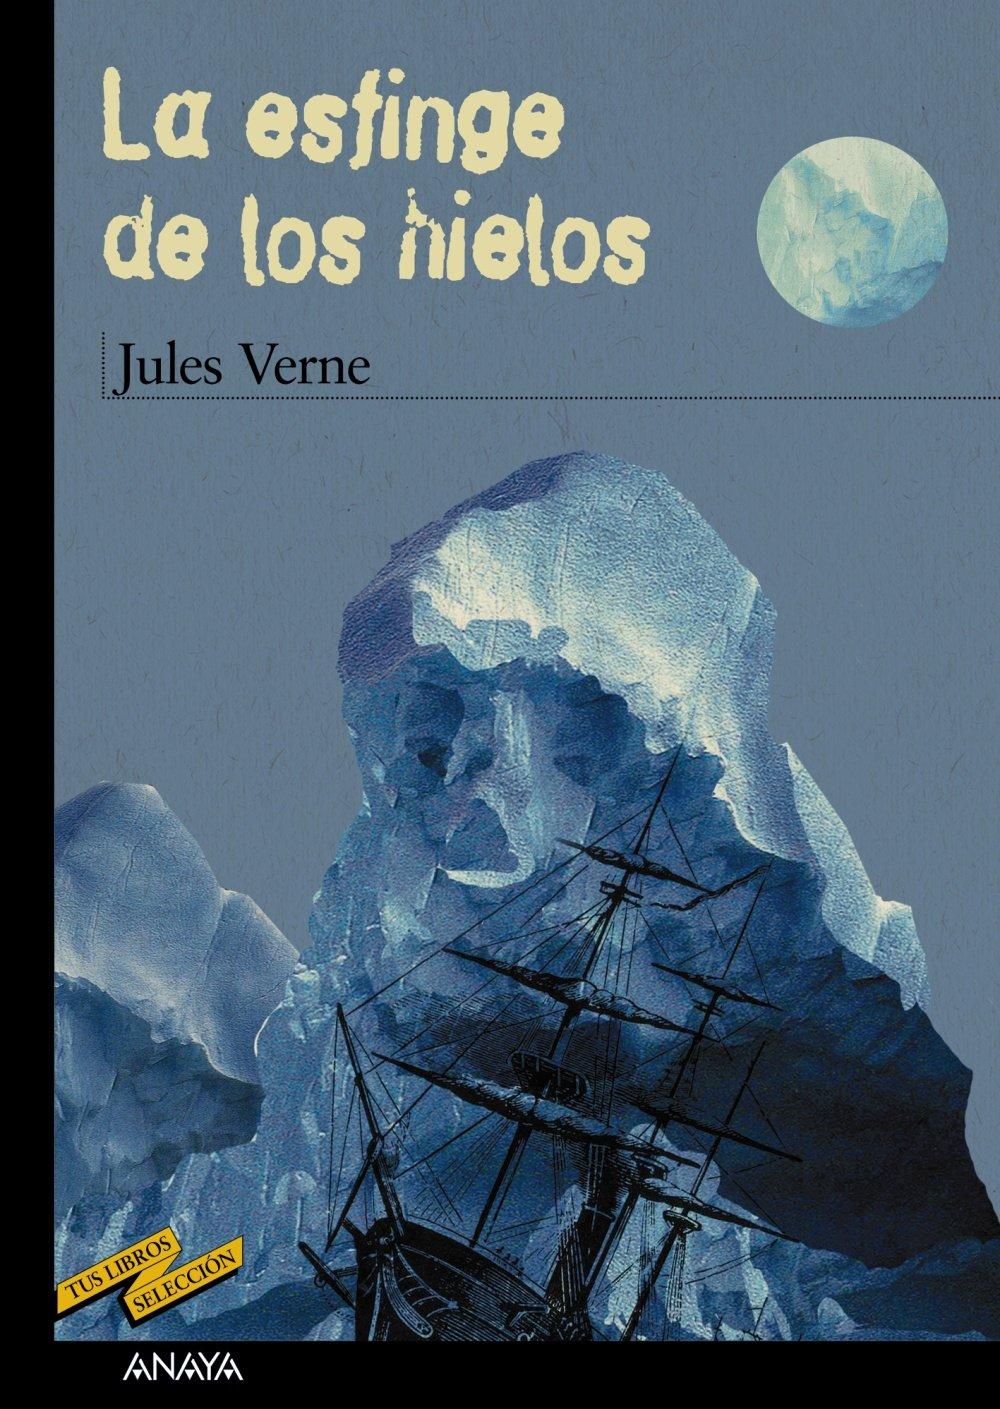 Download La esfinge de los hielos / the Antarctic Mystery (Tus libros seleccion/ Your Books Selection) (Spanish Edition) pdf epub